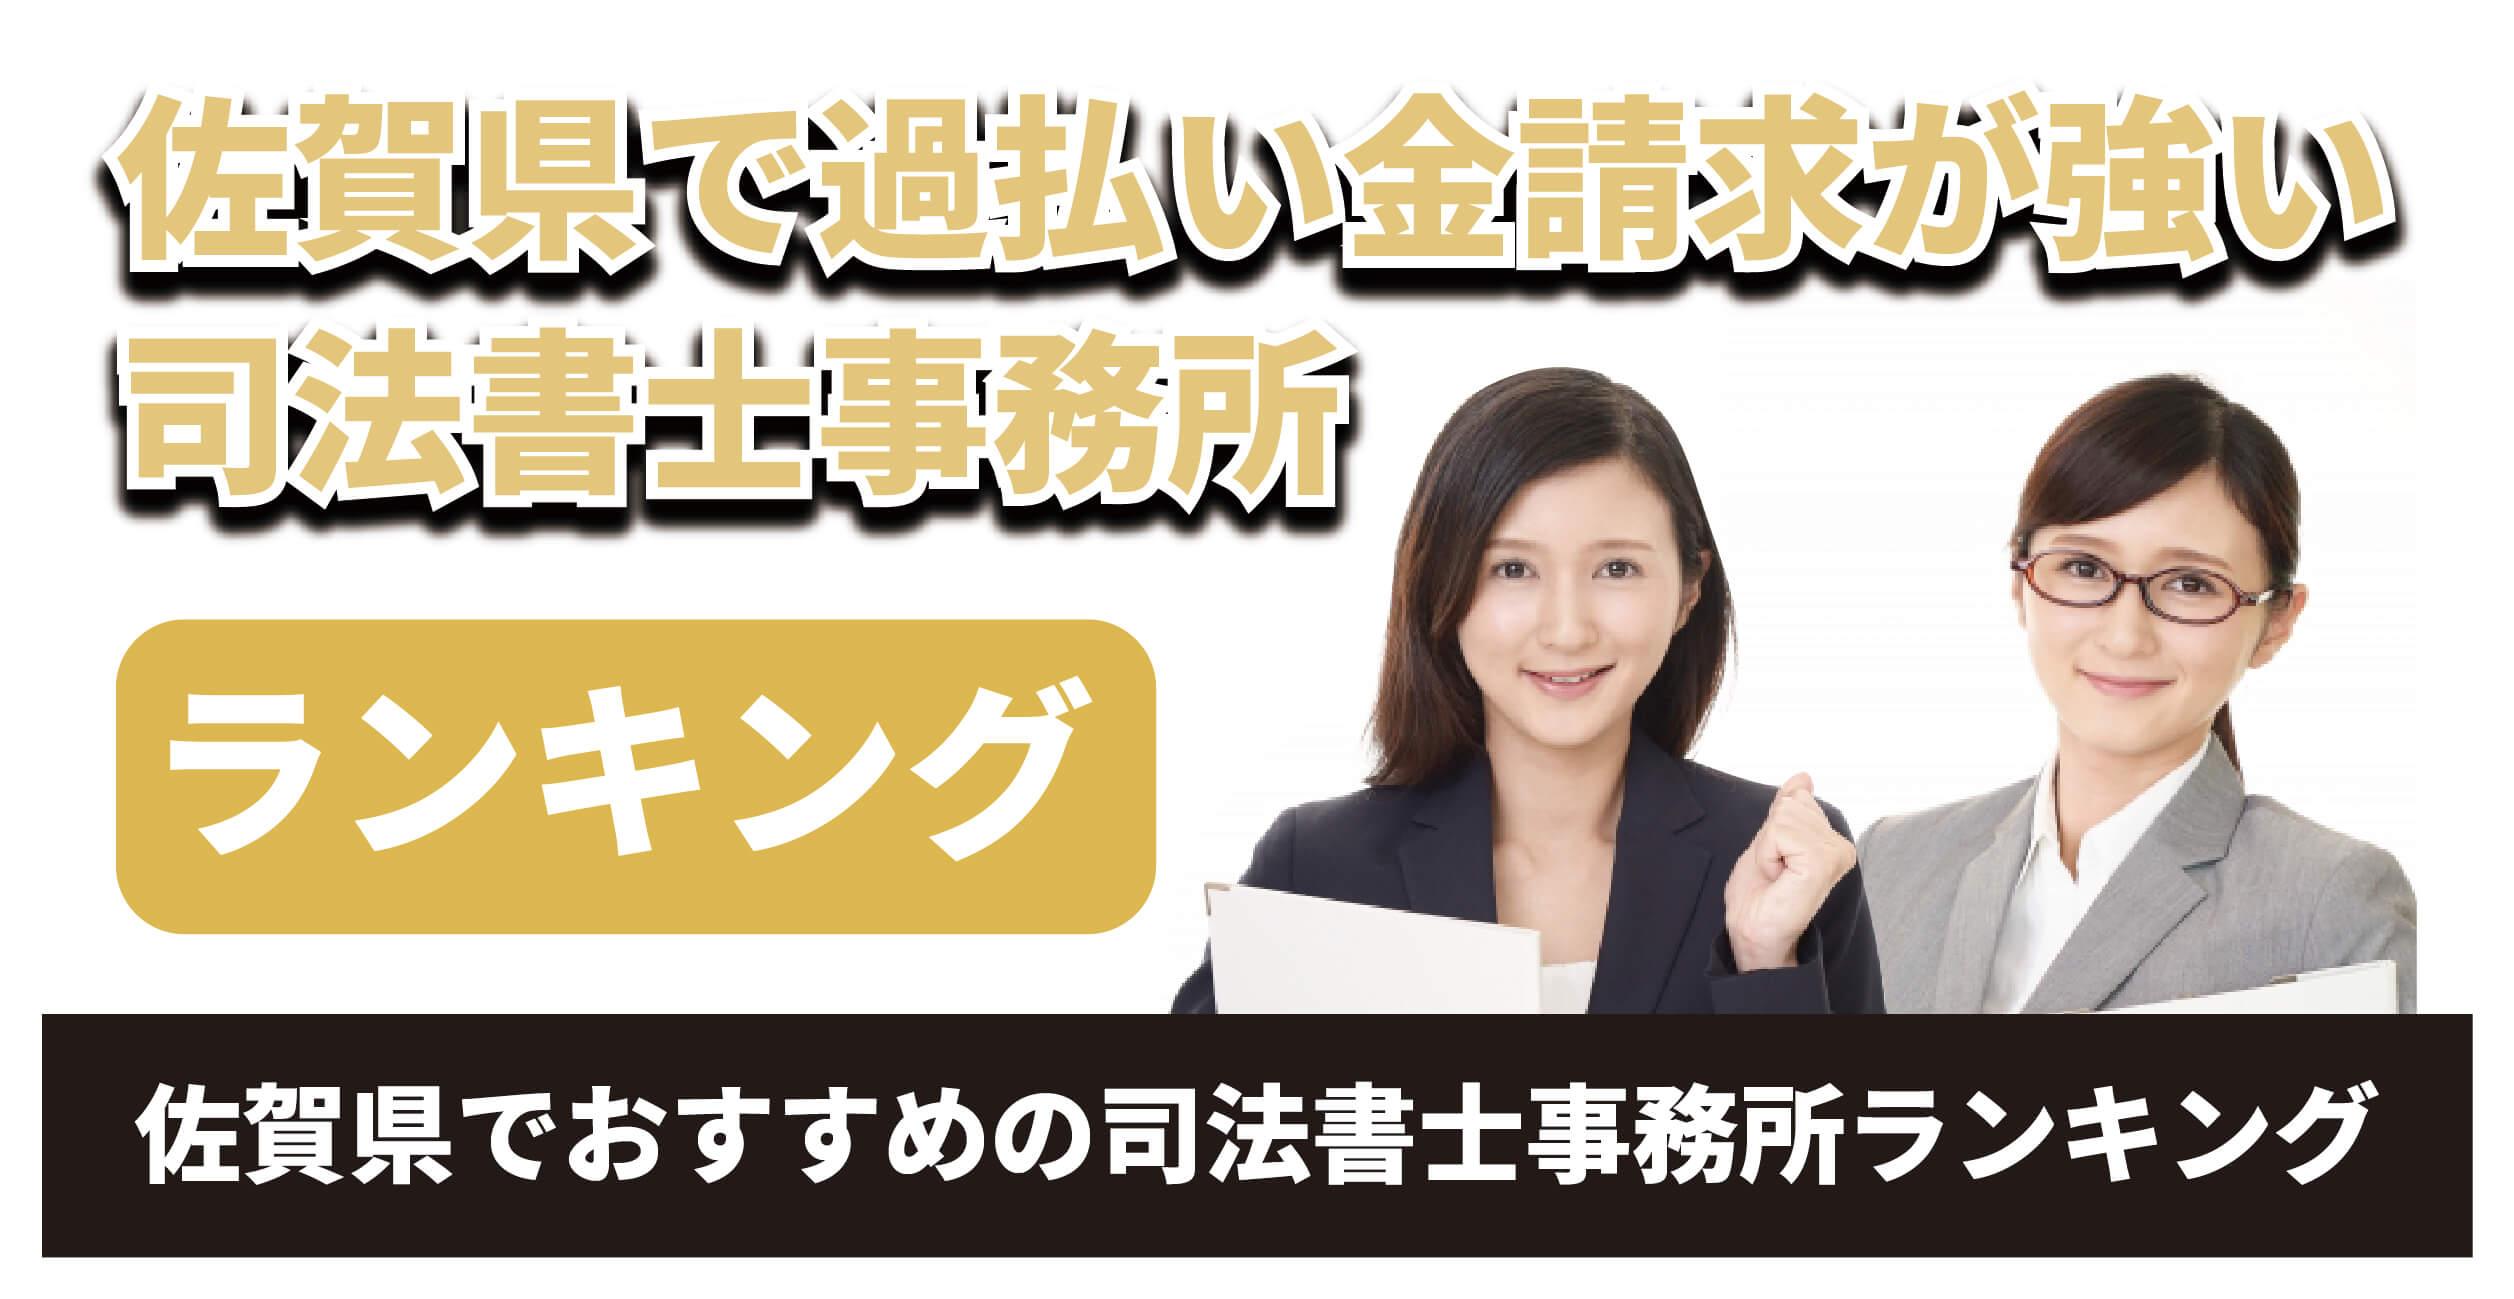 佐賀県で過払い金請求が強い司法書士は?